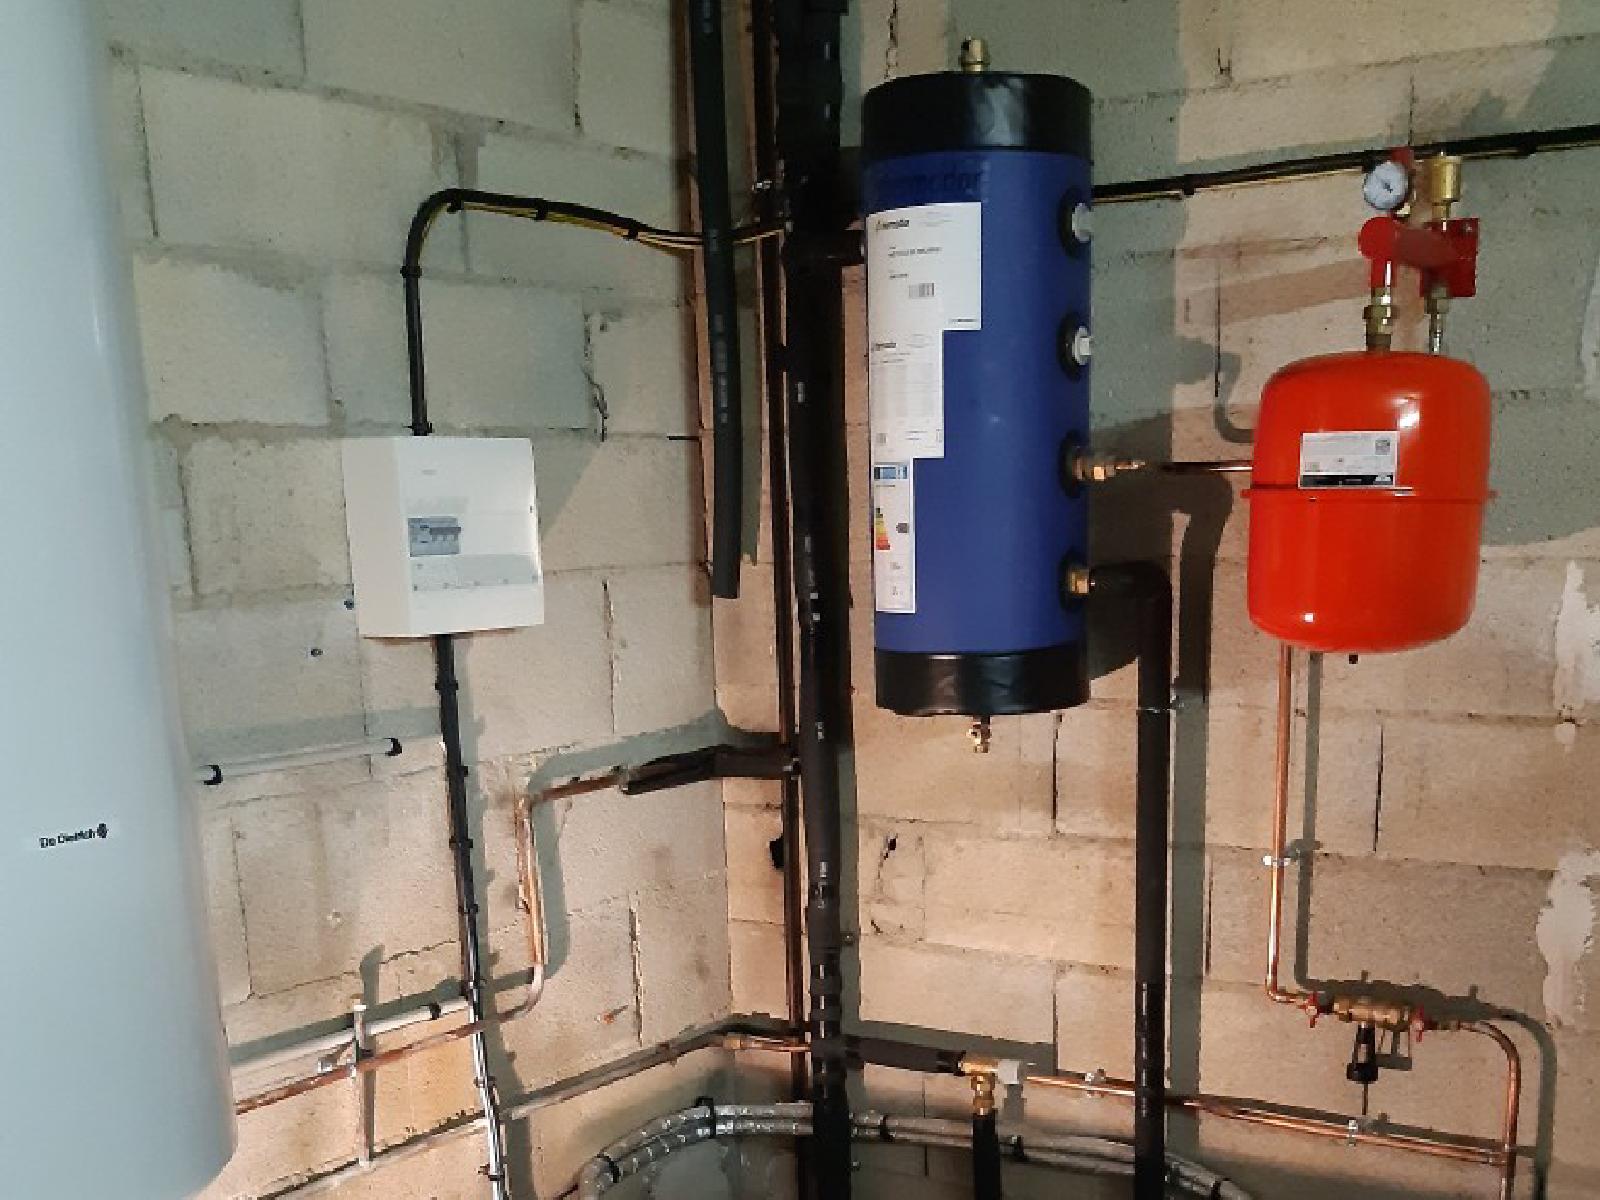 Mise en place d'un système de chauffage sur radiateur avec une pompe à chaleur haute température